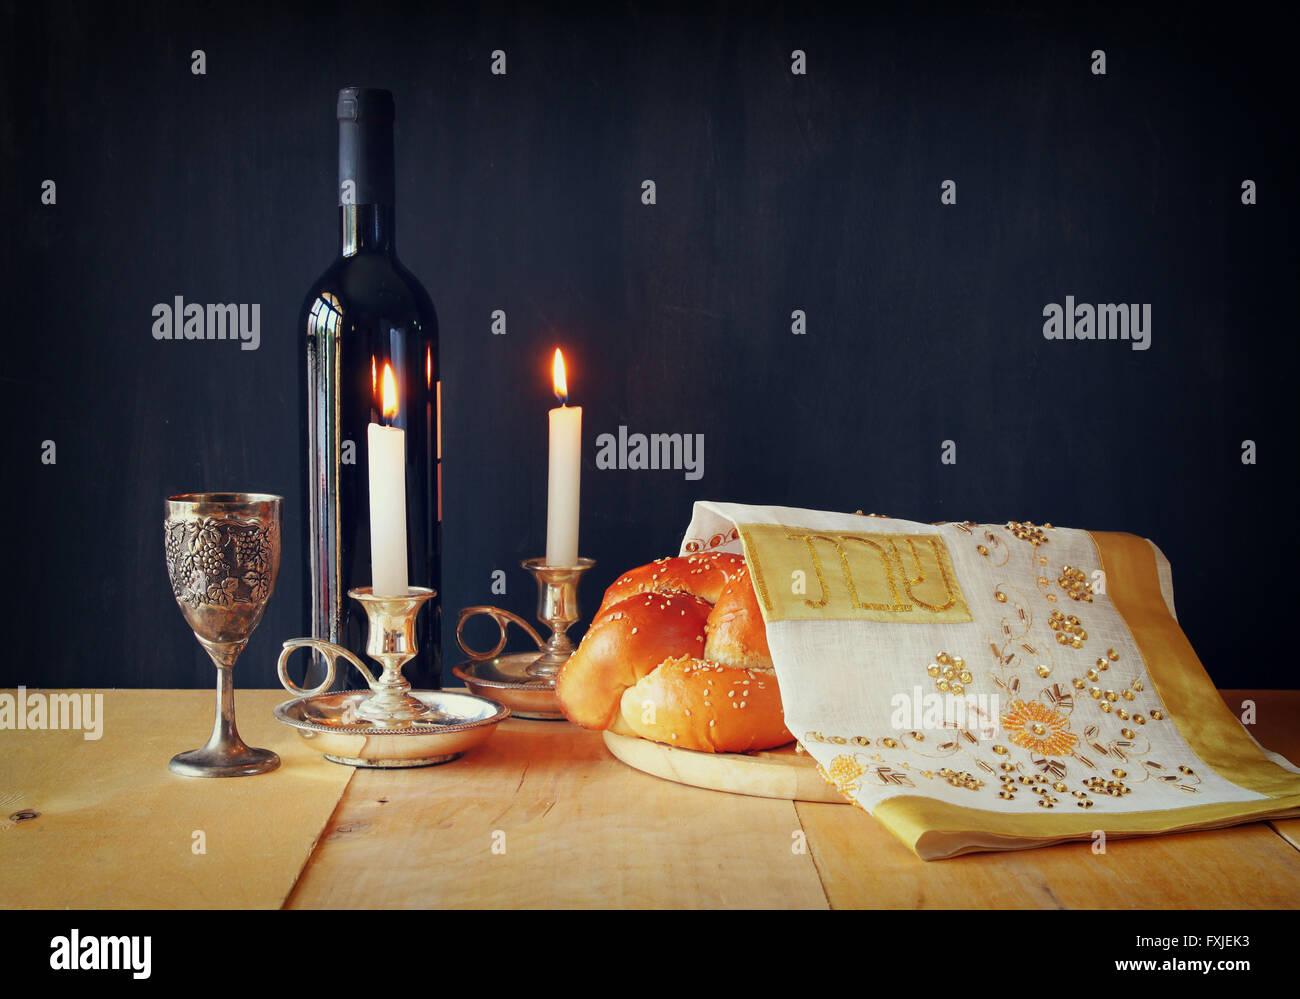 Immagine di sabato. religione ebraica concept Immagini Stock